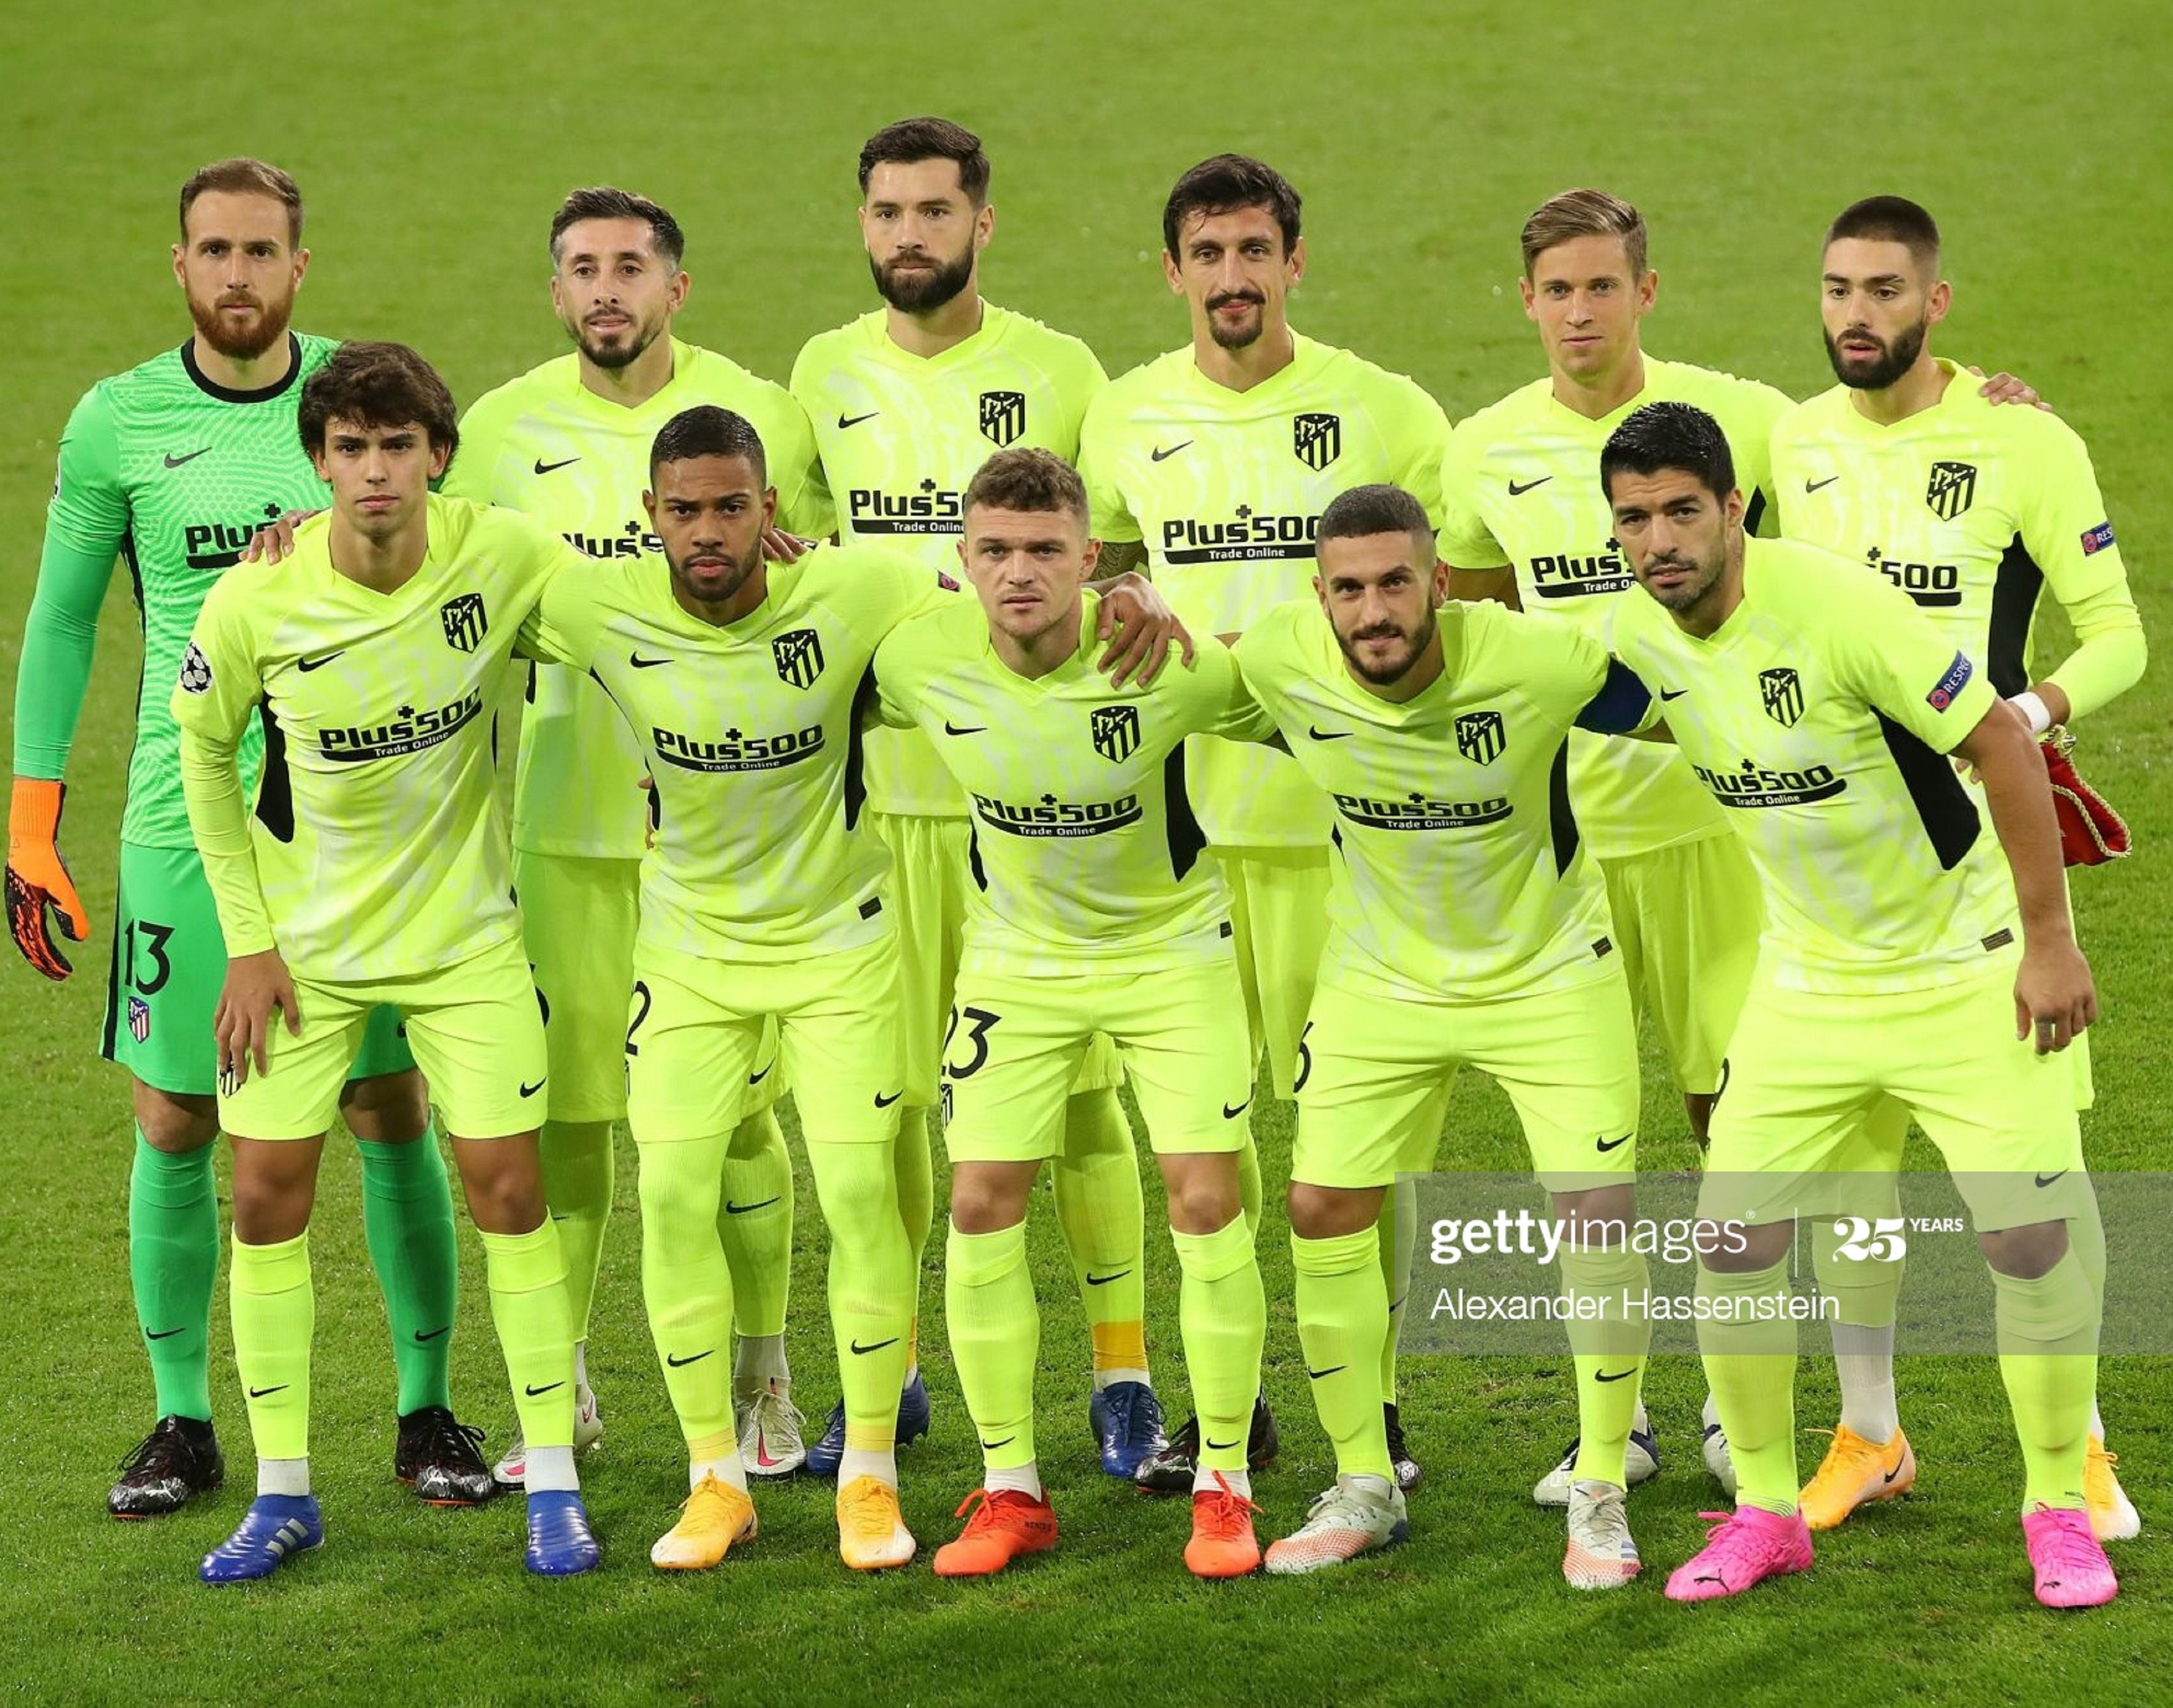 Бавария (Германия) - Атлетико (Испания) 4:0